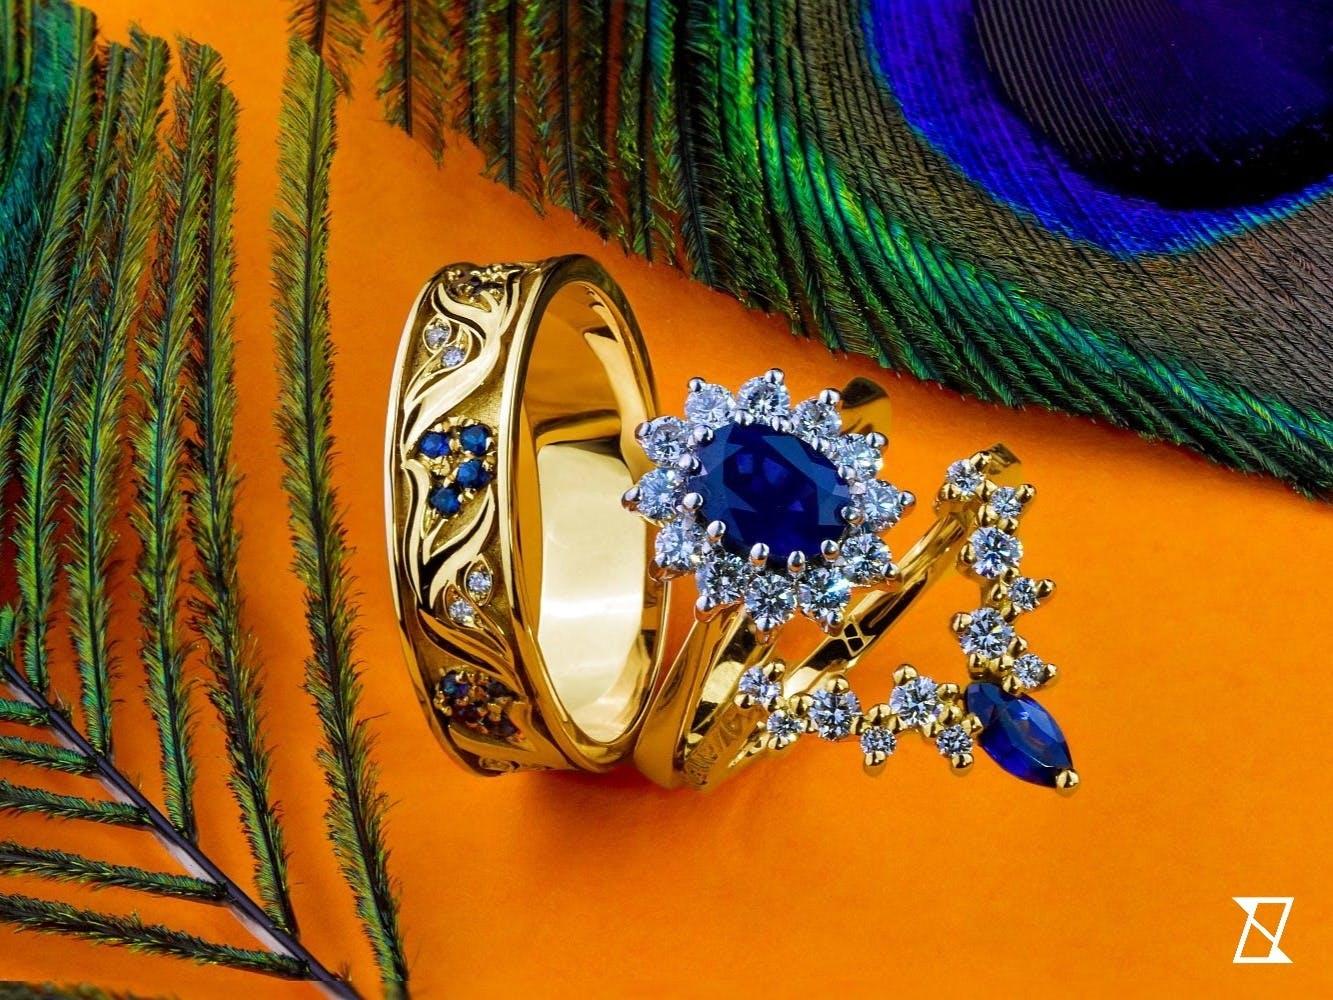 Komplet obrączek wraz z pierścionkiem zaręczynowym tworzą idealny komplet.